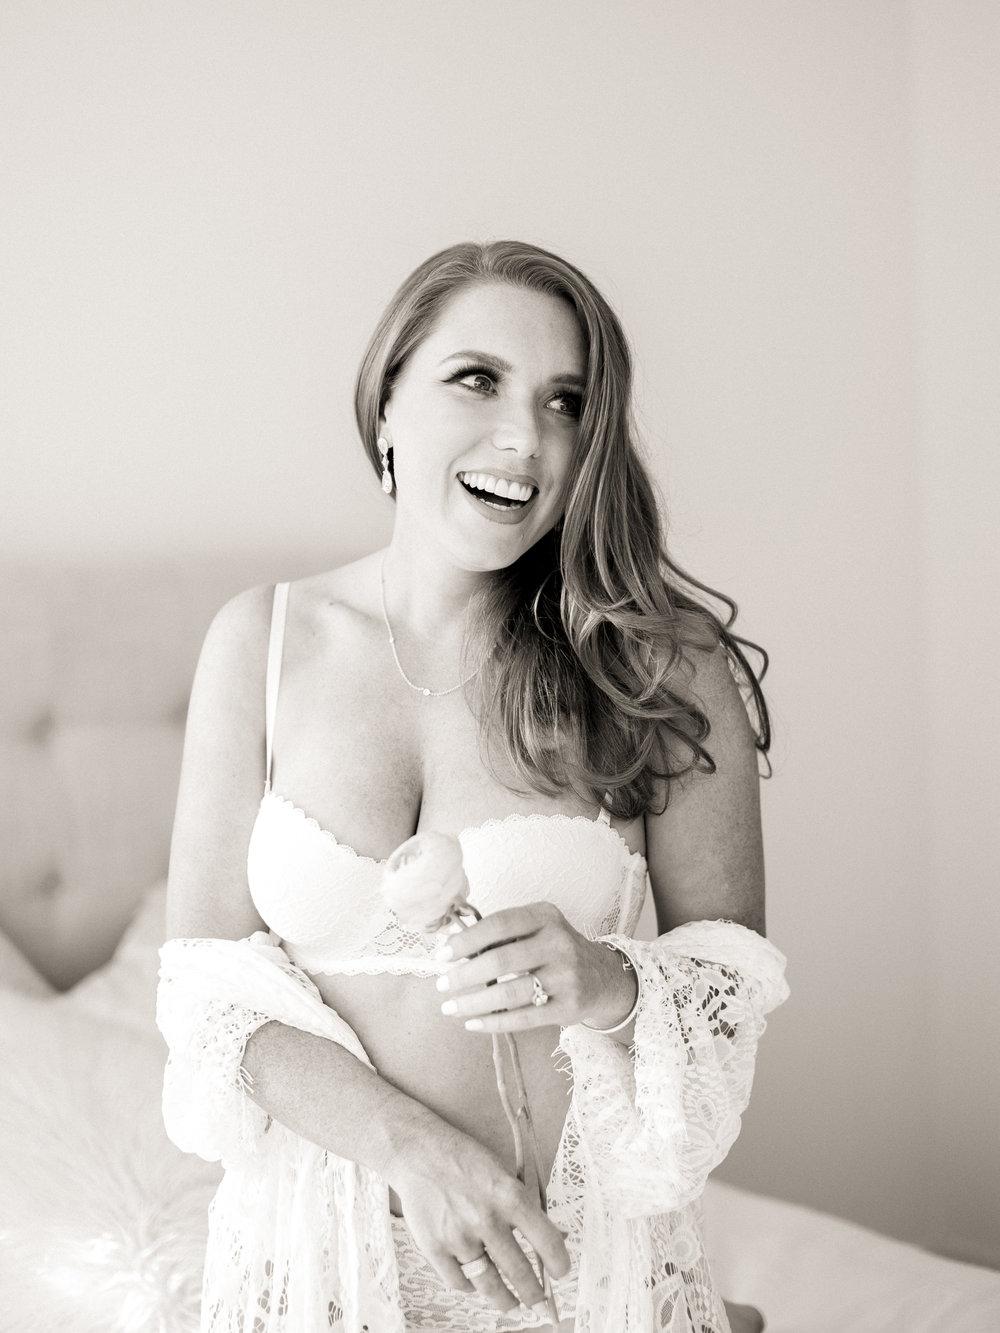 dennisroycoronel_bridal_boudoir_orangecounty_losangeles_photographer-44.jpg